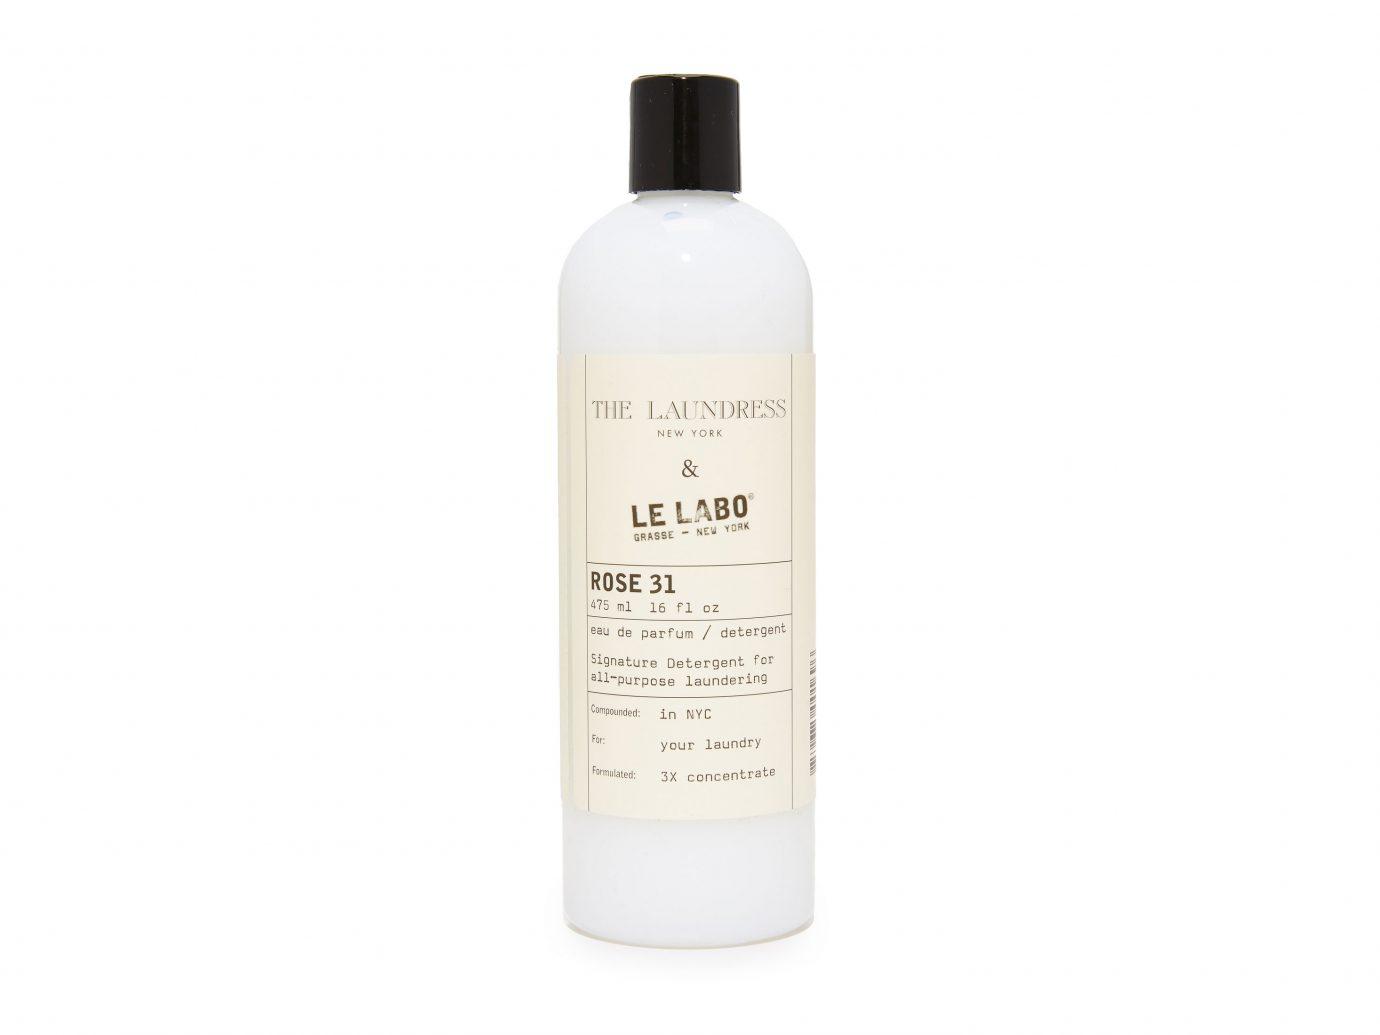 The Laundress Le Labo Rose 31 Signature Detergent $45